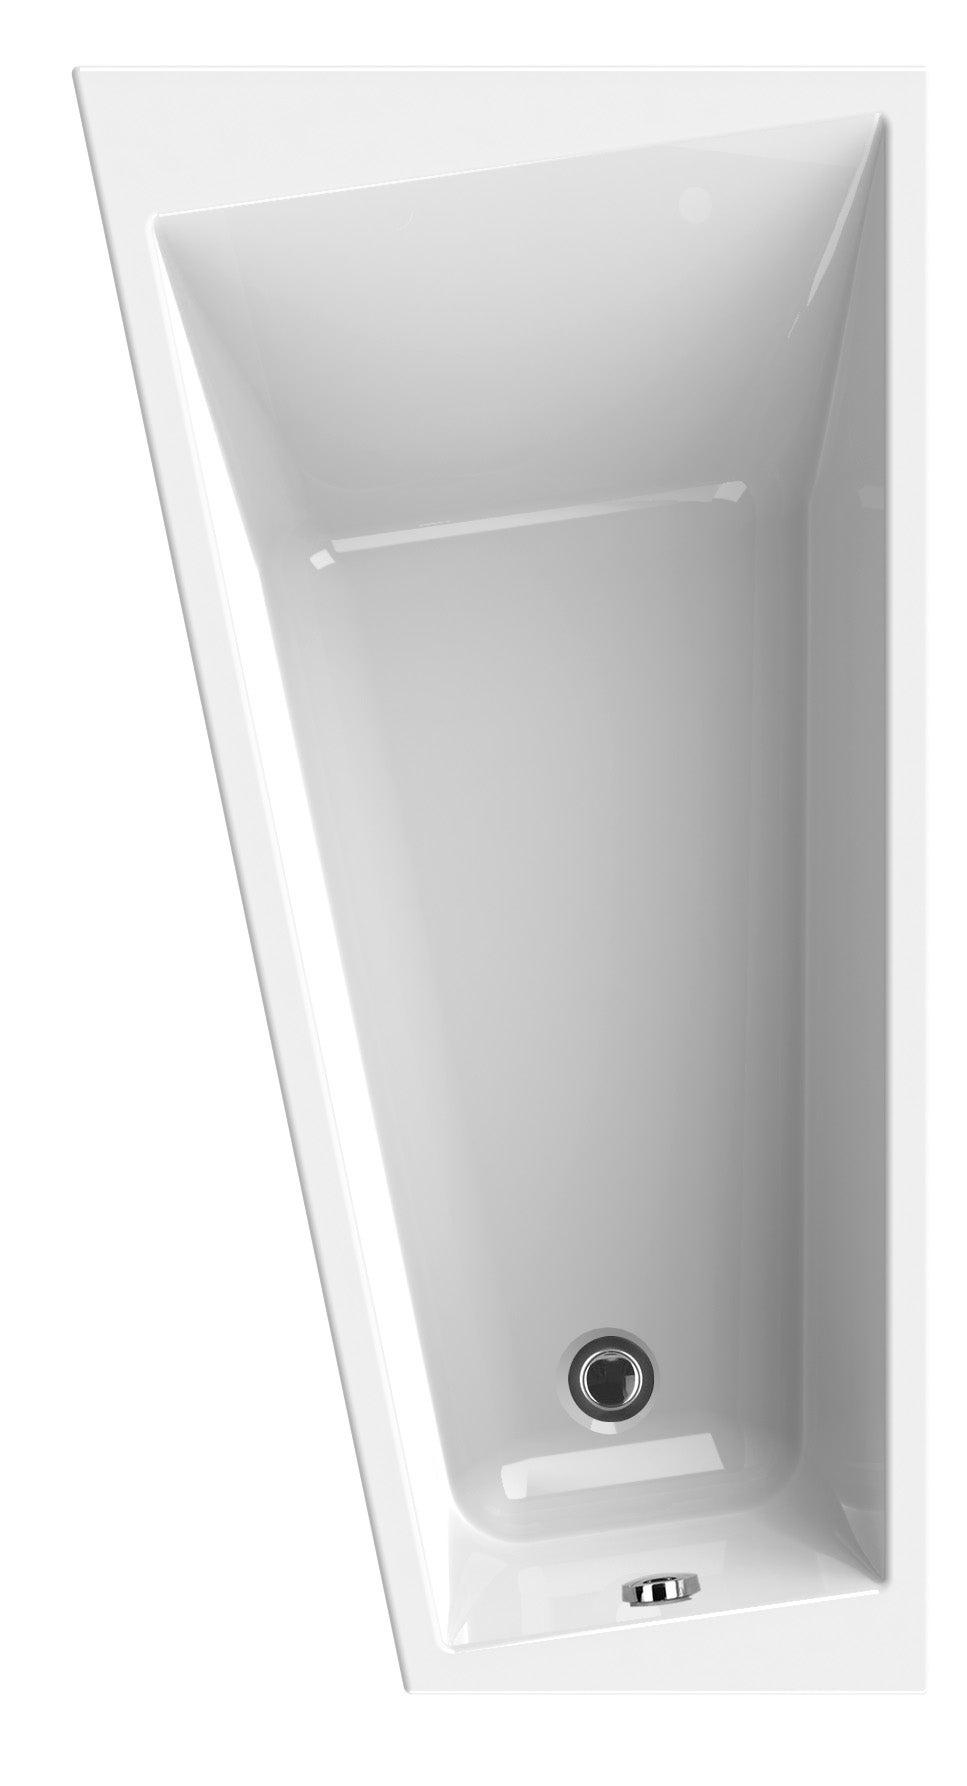 Baignoire Asymetrique Gauche L 170x L 90 Cm Blanc Sensea Premium Design Leroy Merlin